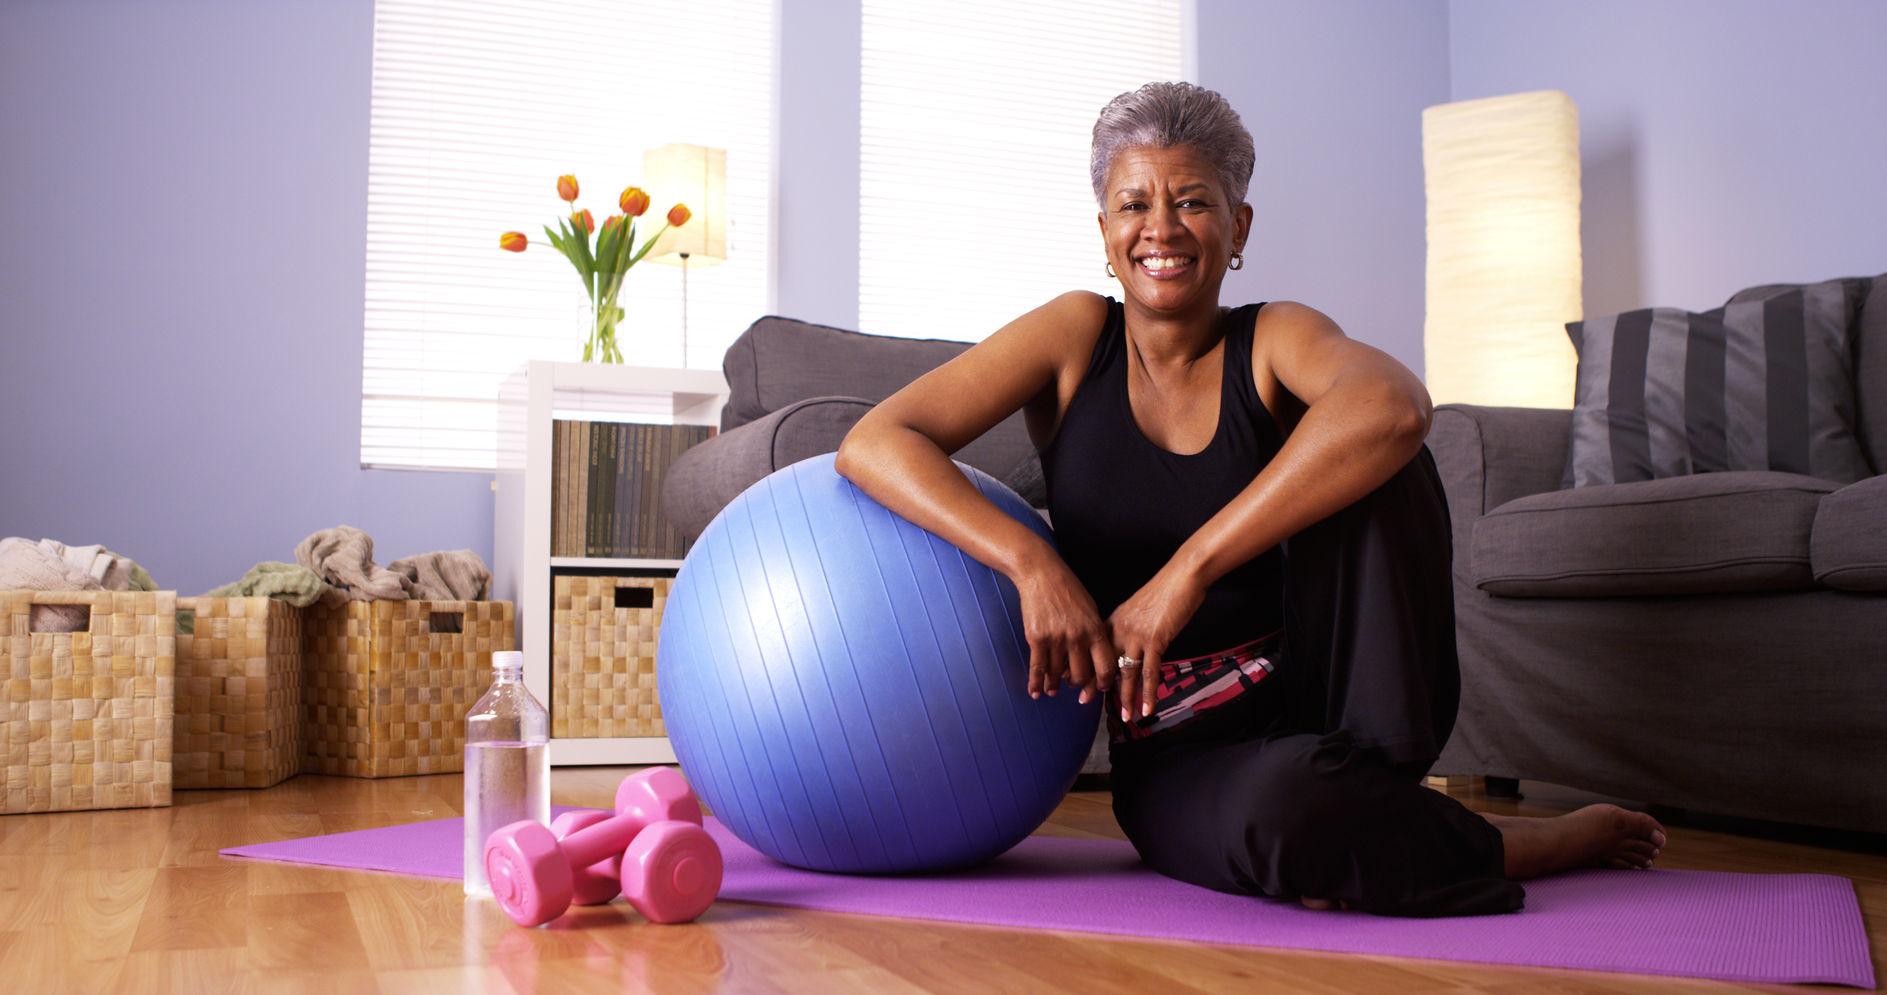 Menopausal woman,  https://www.info-on-high-blood-pressure.com/menopause-and-high-blood-pressure.html